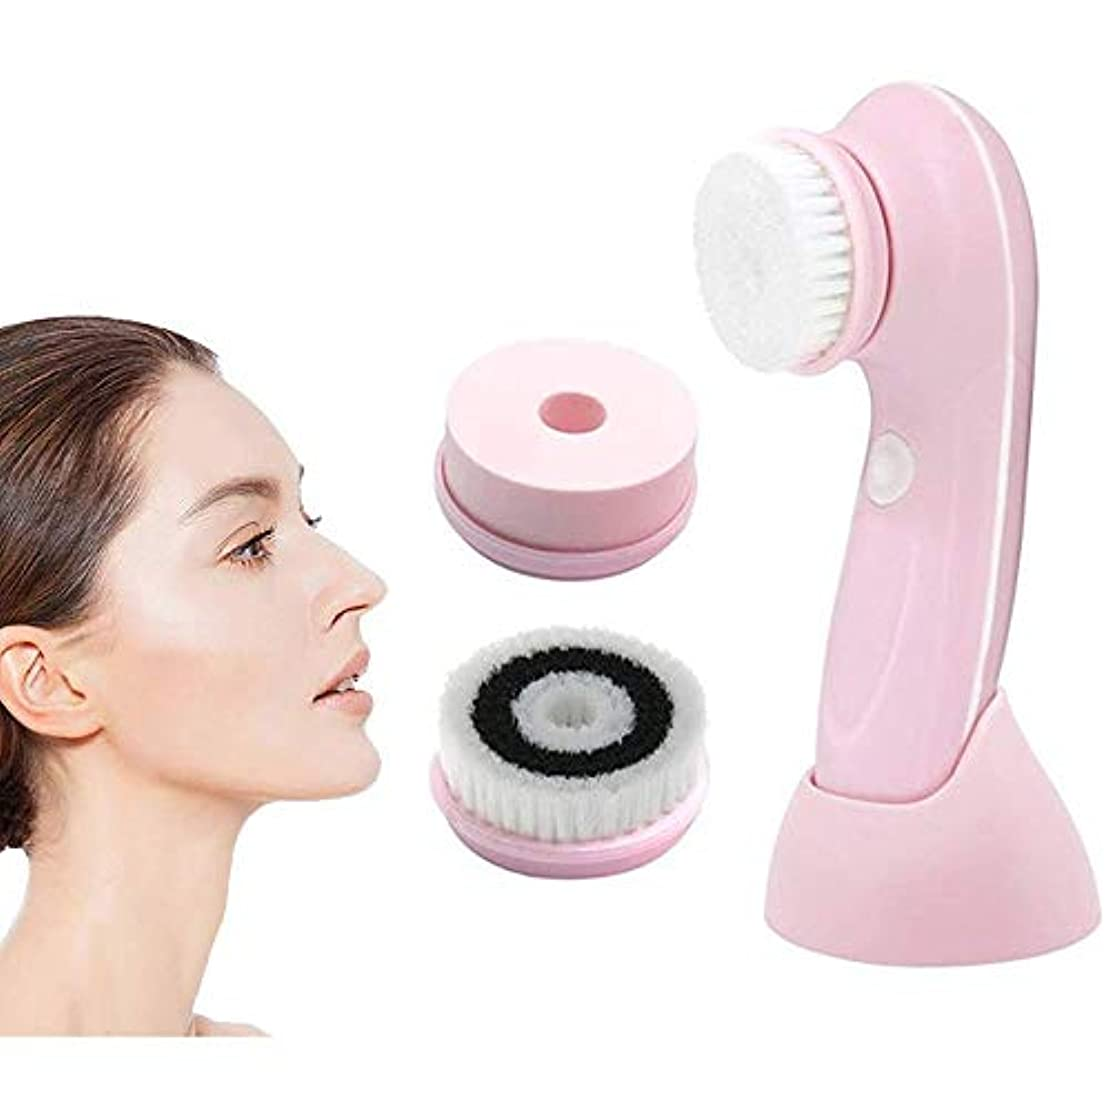 ルームピンポイント秀でるKJRJCD 洗顔ブラシ、3つの交換用ヘッドとエクスフォリエイティング、ブラックヘッド、ポータブル顔スクラバー用USB充電式プロフェッショナル洗顔ブラシ、ピンクスピニング